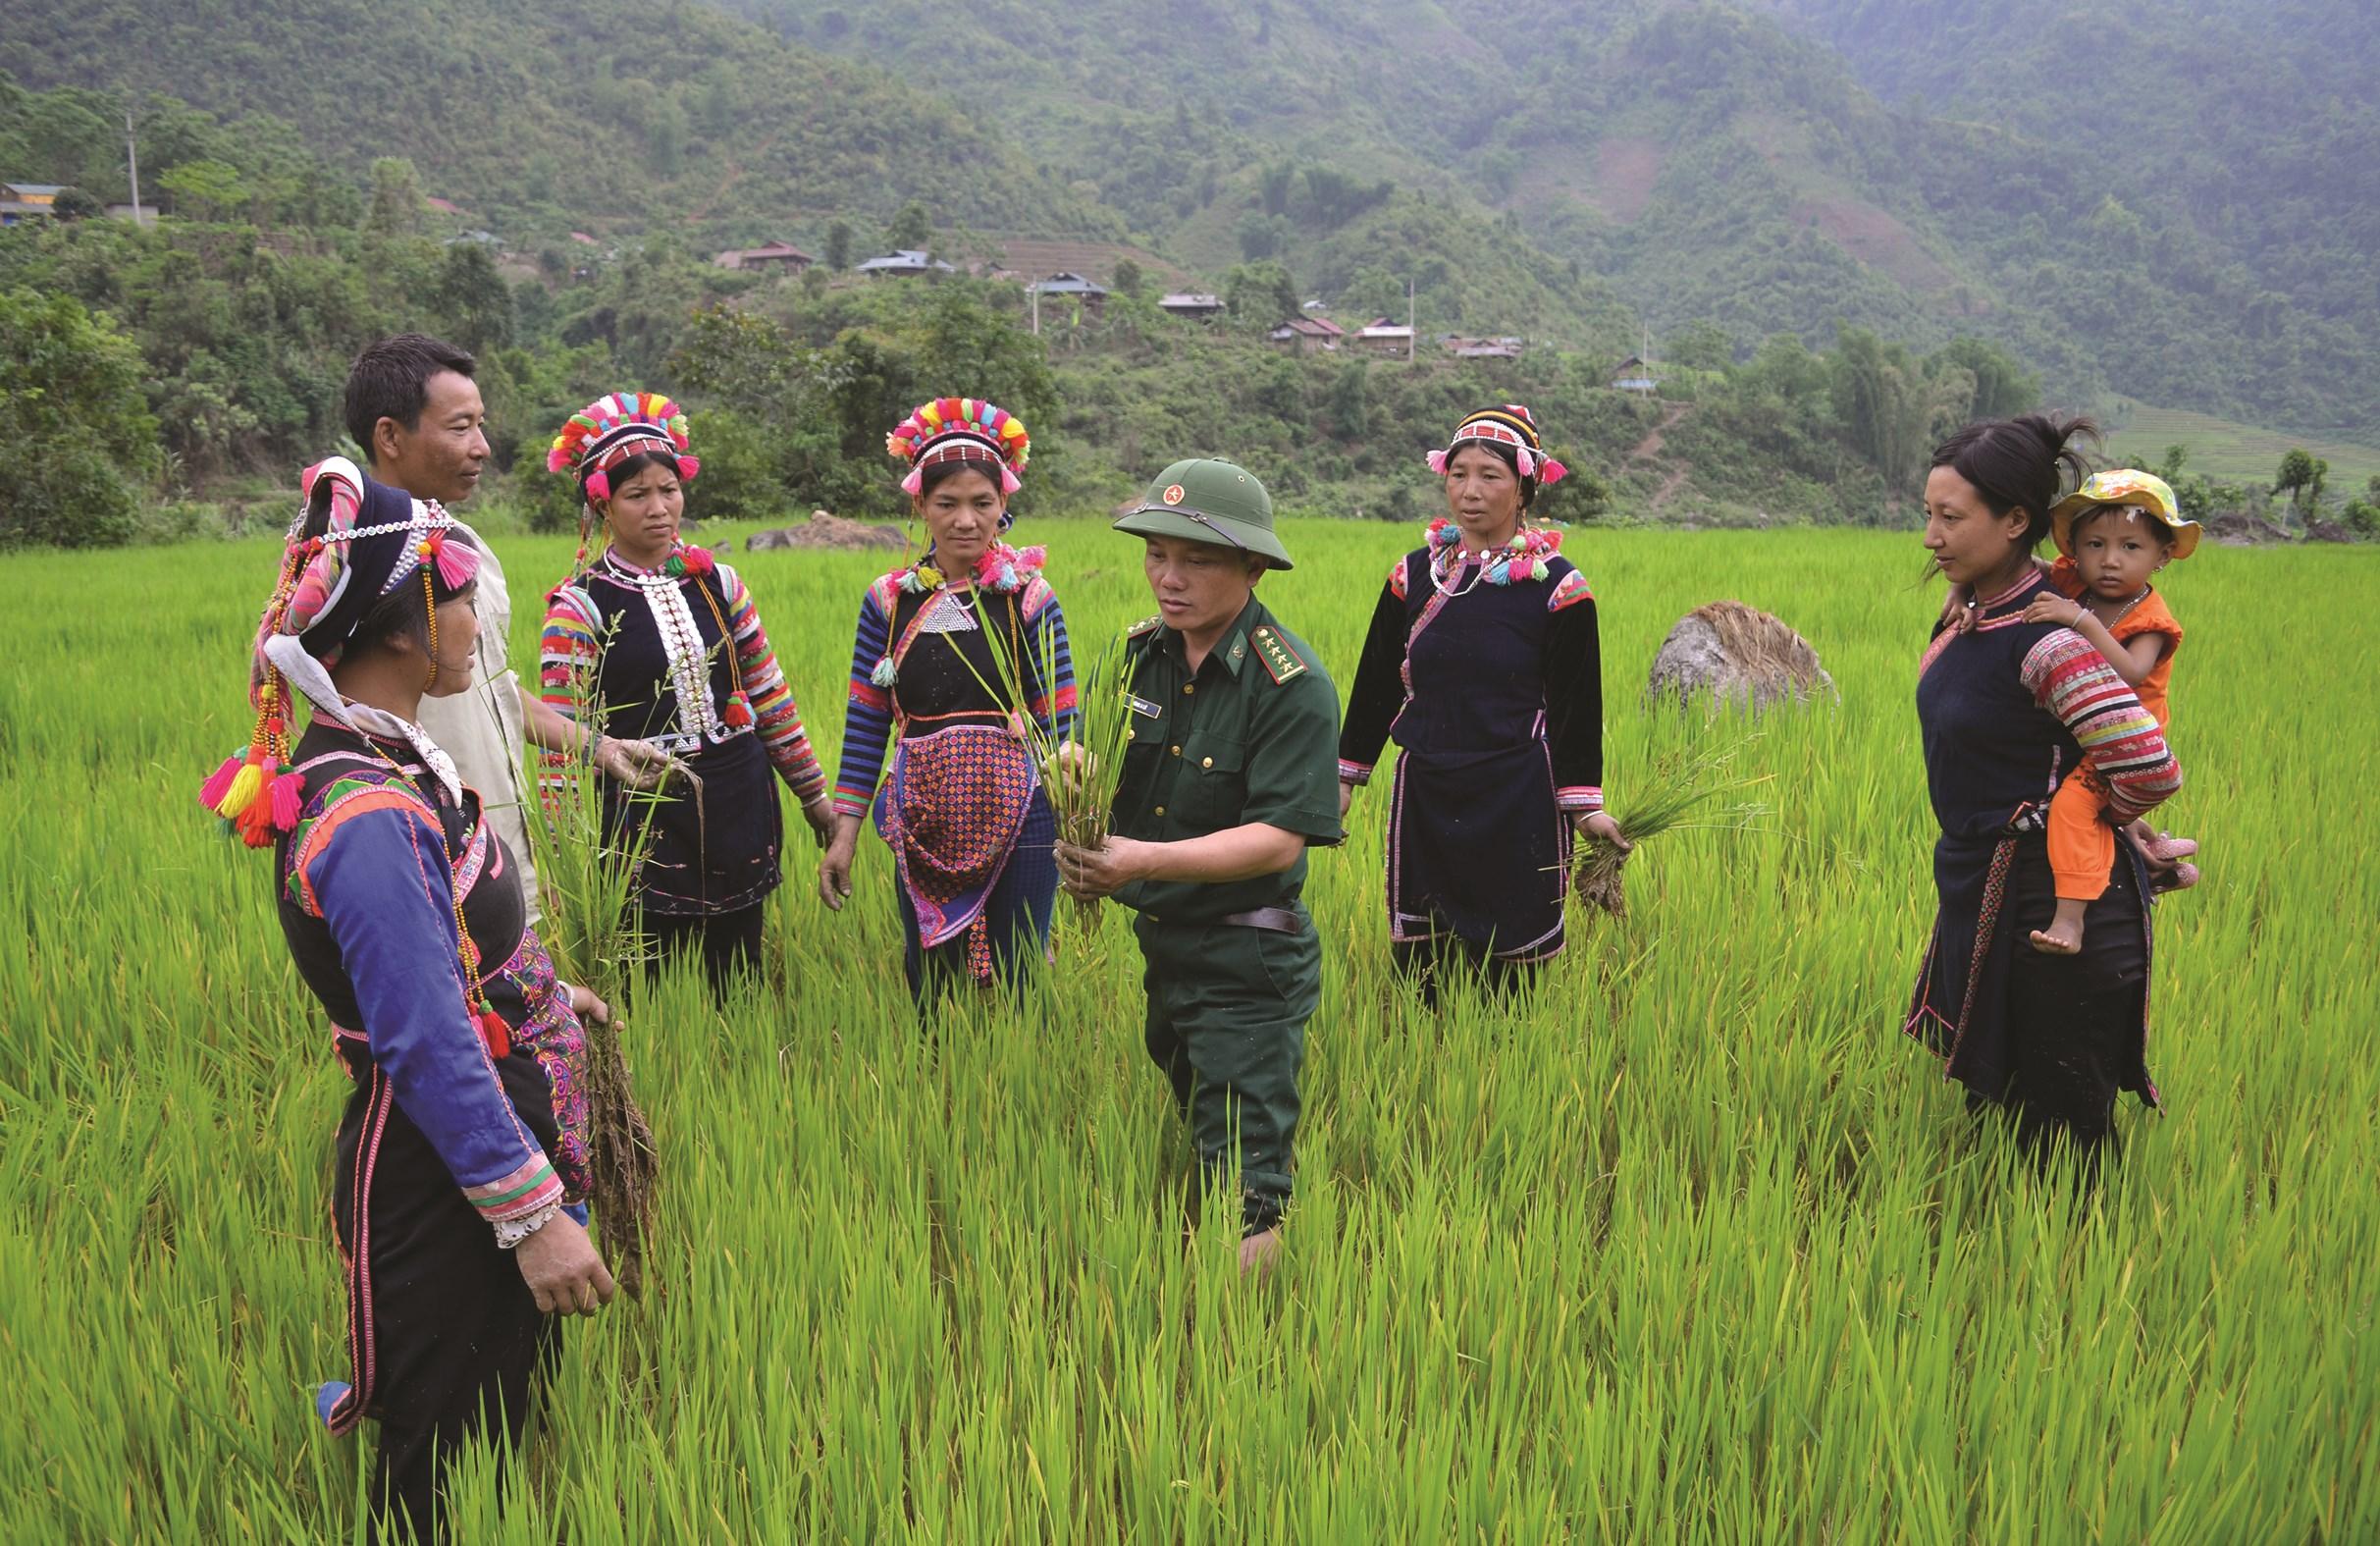 Cán bộ Đồn Biên phòng Thu Lũm hướng dẫn đồng bào dân tộc Hà Nhì xã Thu Lũm, huyện Mường Tè (Lai Châu) kỹ thuật canh tác lúa nước